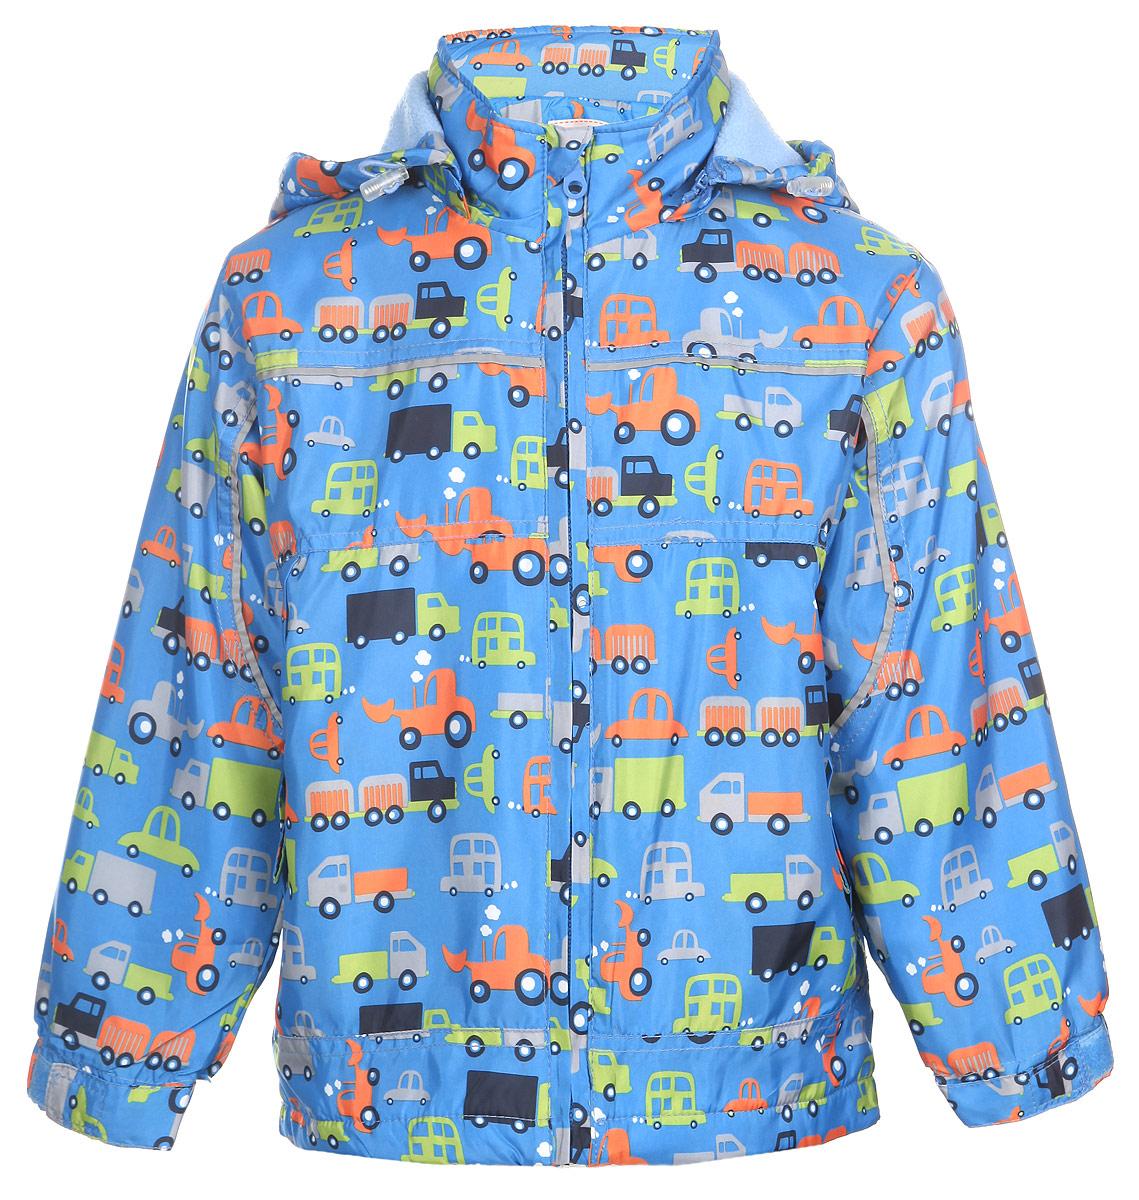 Куртка111525R-13Яркая куртка для мальчика M&D идеально подойдет для ребенка в прохладное время года. Она выполнена из полиэстера и дополнена мягкой и теплой флисовой подкладкой. Куртка с воротником-стойкой застегивается на удобную застежку-молнию. Съемный капюшон фиксируется при помощи молнии, его объем регулируется при помощи эластичного шнурка со стопперами. Рукава оснащены широкими эластичными резинками, не стягивающими запястья, и хлястиками на липучках. Низ модели дополнен скрытым эластичным шнурком со стопперами. По бокам курточка дополнена двумя втачными кармашками на застежках-молниях. Изделие оформлено красочным принтом с изображением автомобилей и дополнена светоотражающими полосками. В такой куртке ваш маленький мужчина будет чувствовать себя комфортно, уютно и всегда будет в центре внимания!